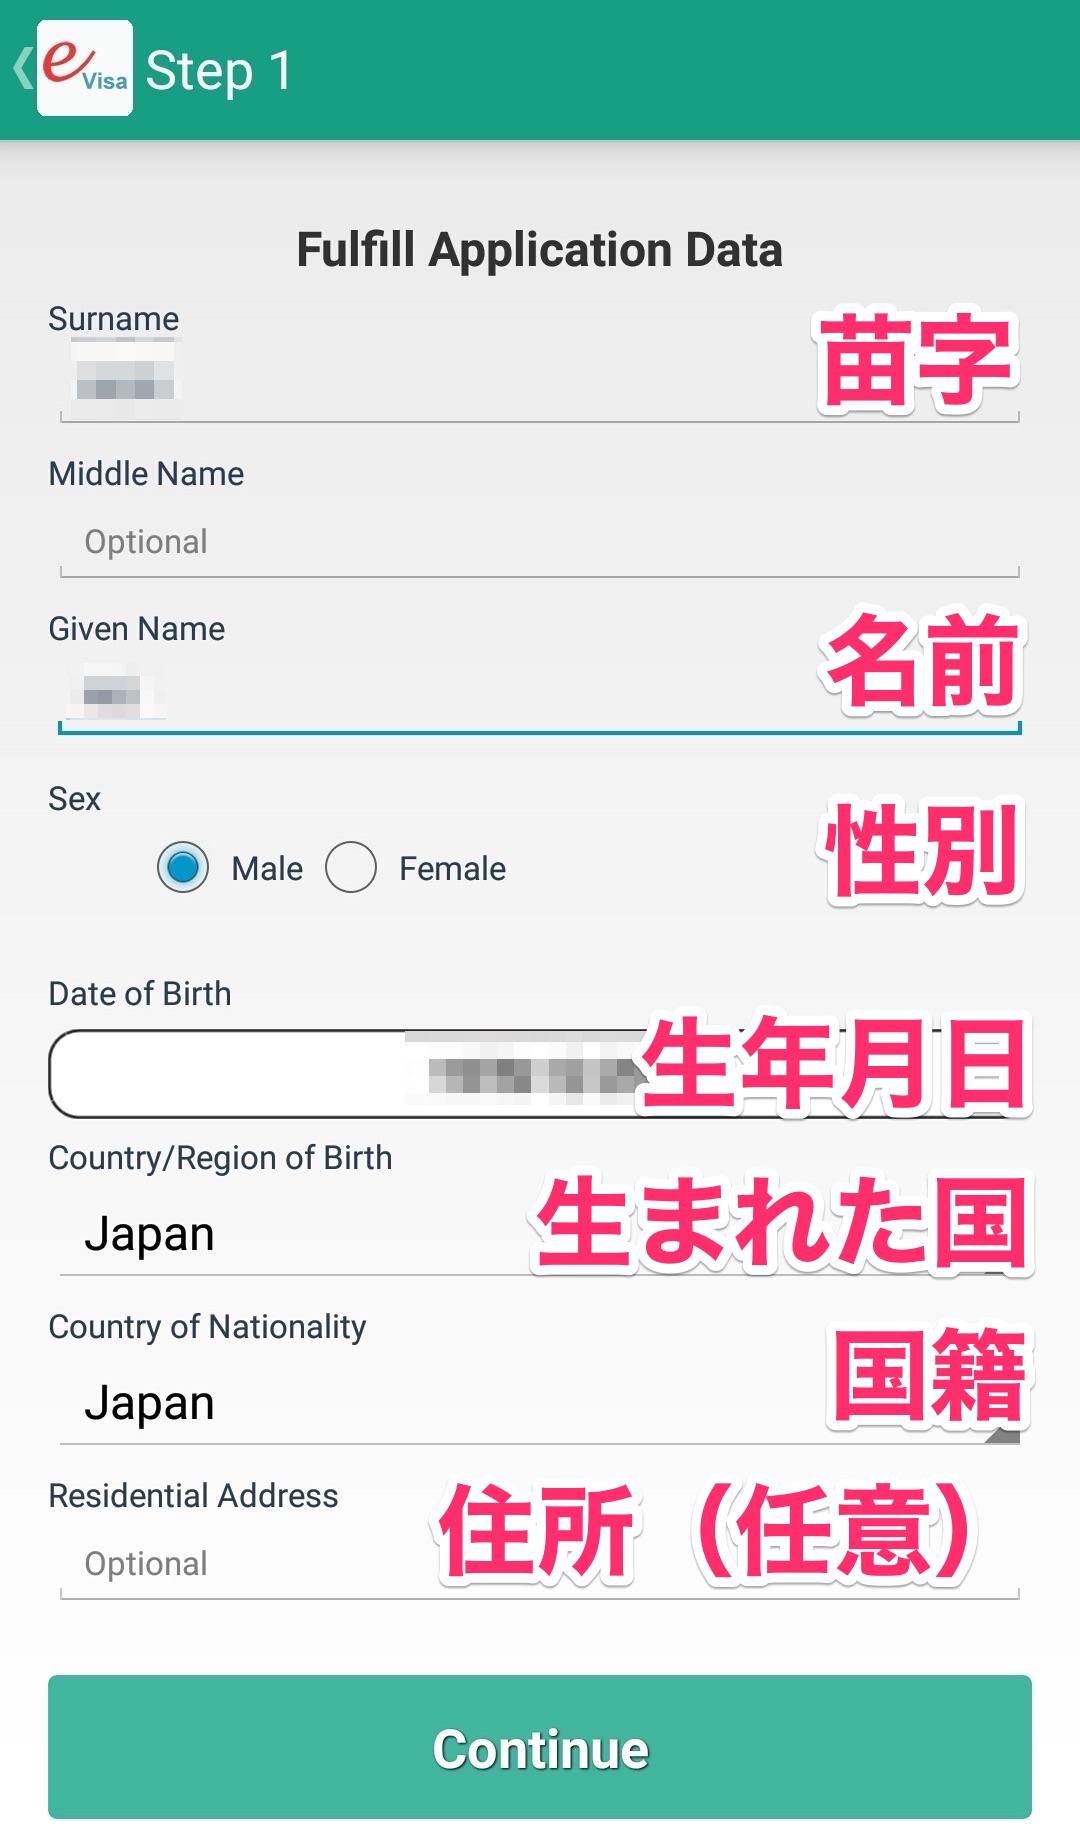 ビザの入力画面(ステップ1)